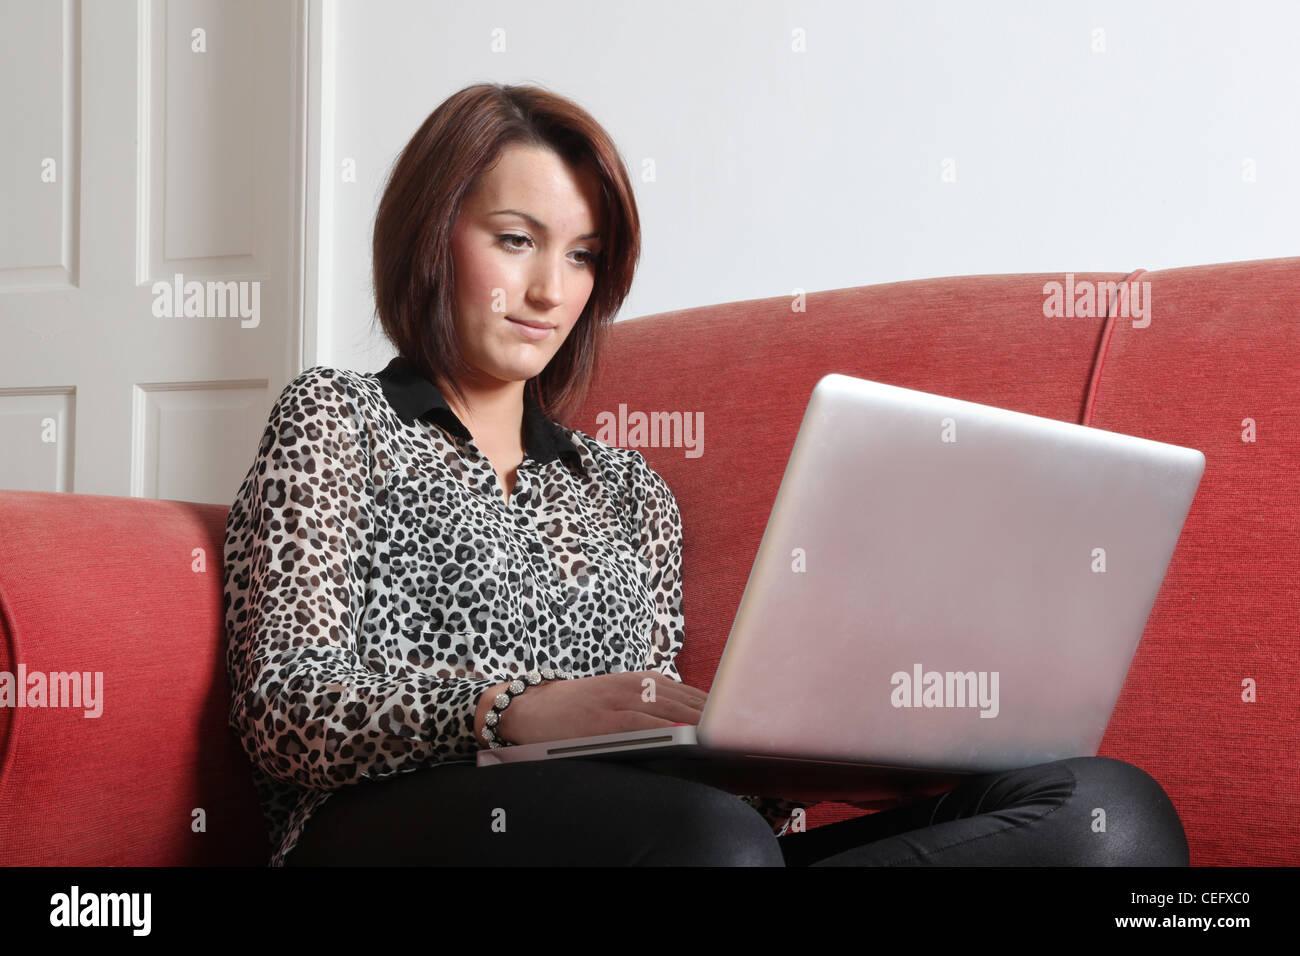 Perfil de una mujer joven con un portátil. Imagen De Stock